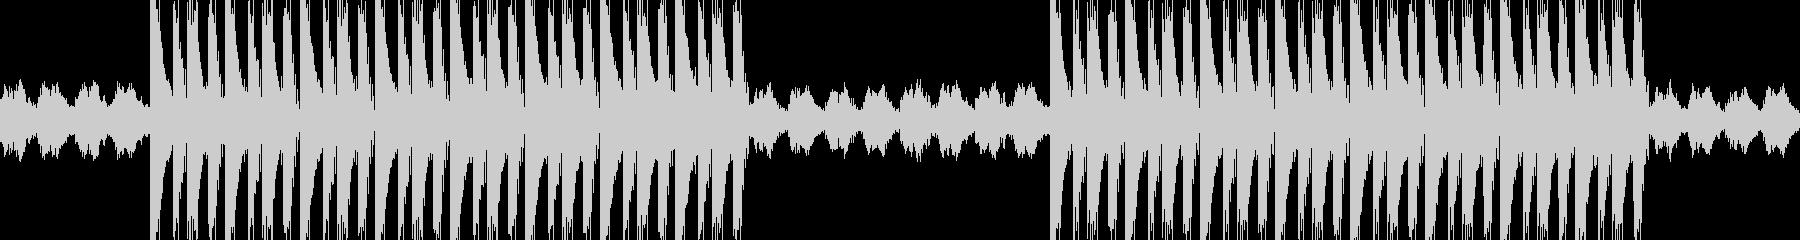 エモい感動系ヒップホップBGMの未再生の波形